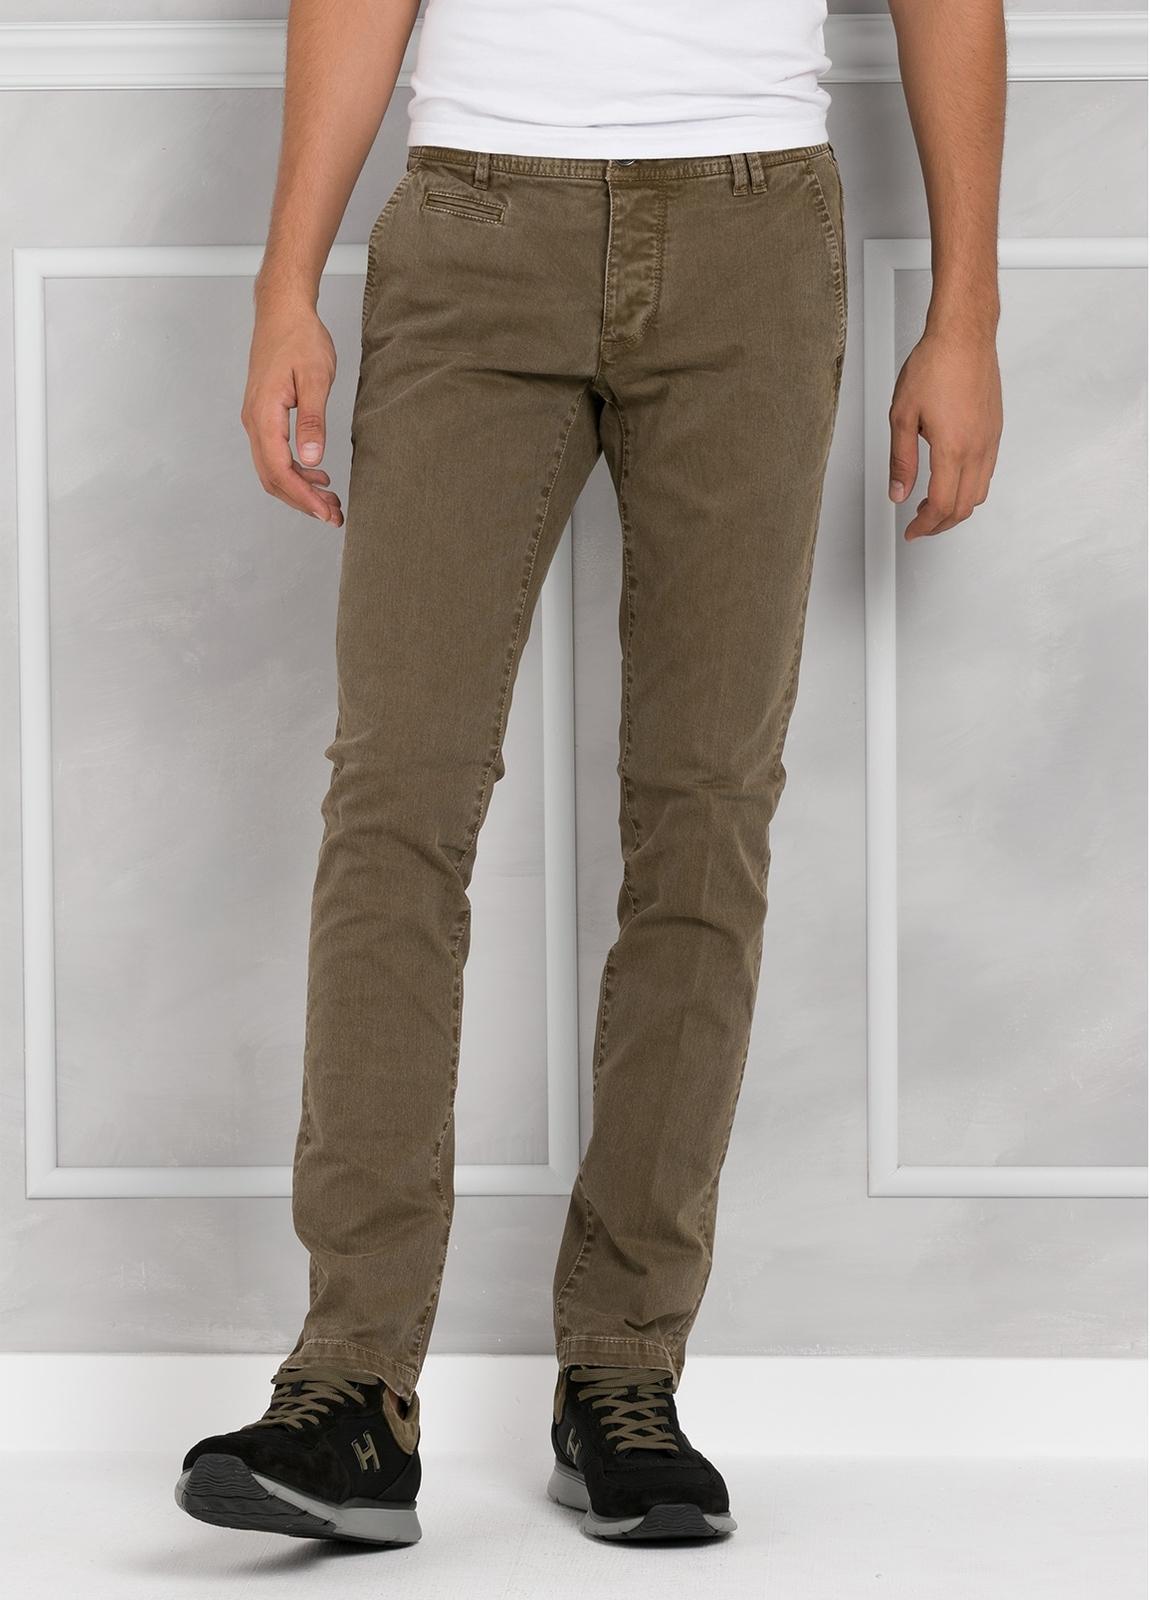 Pantalón 5 bolsillos modelo BRAD 01 color tostado. 97% Algodón 3% Elastán.